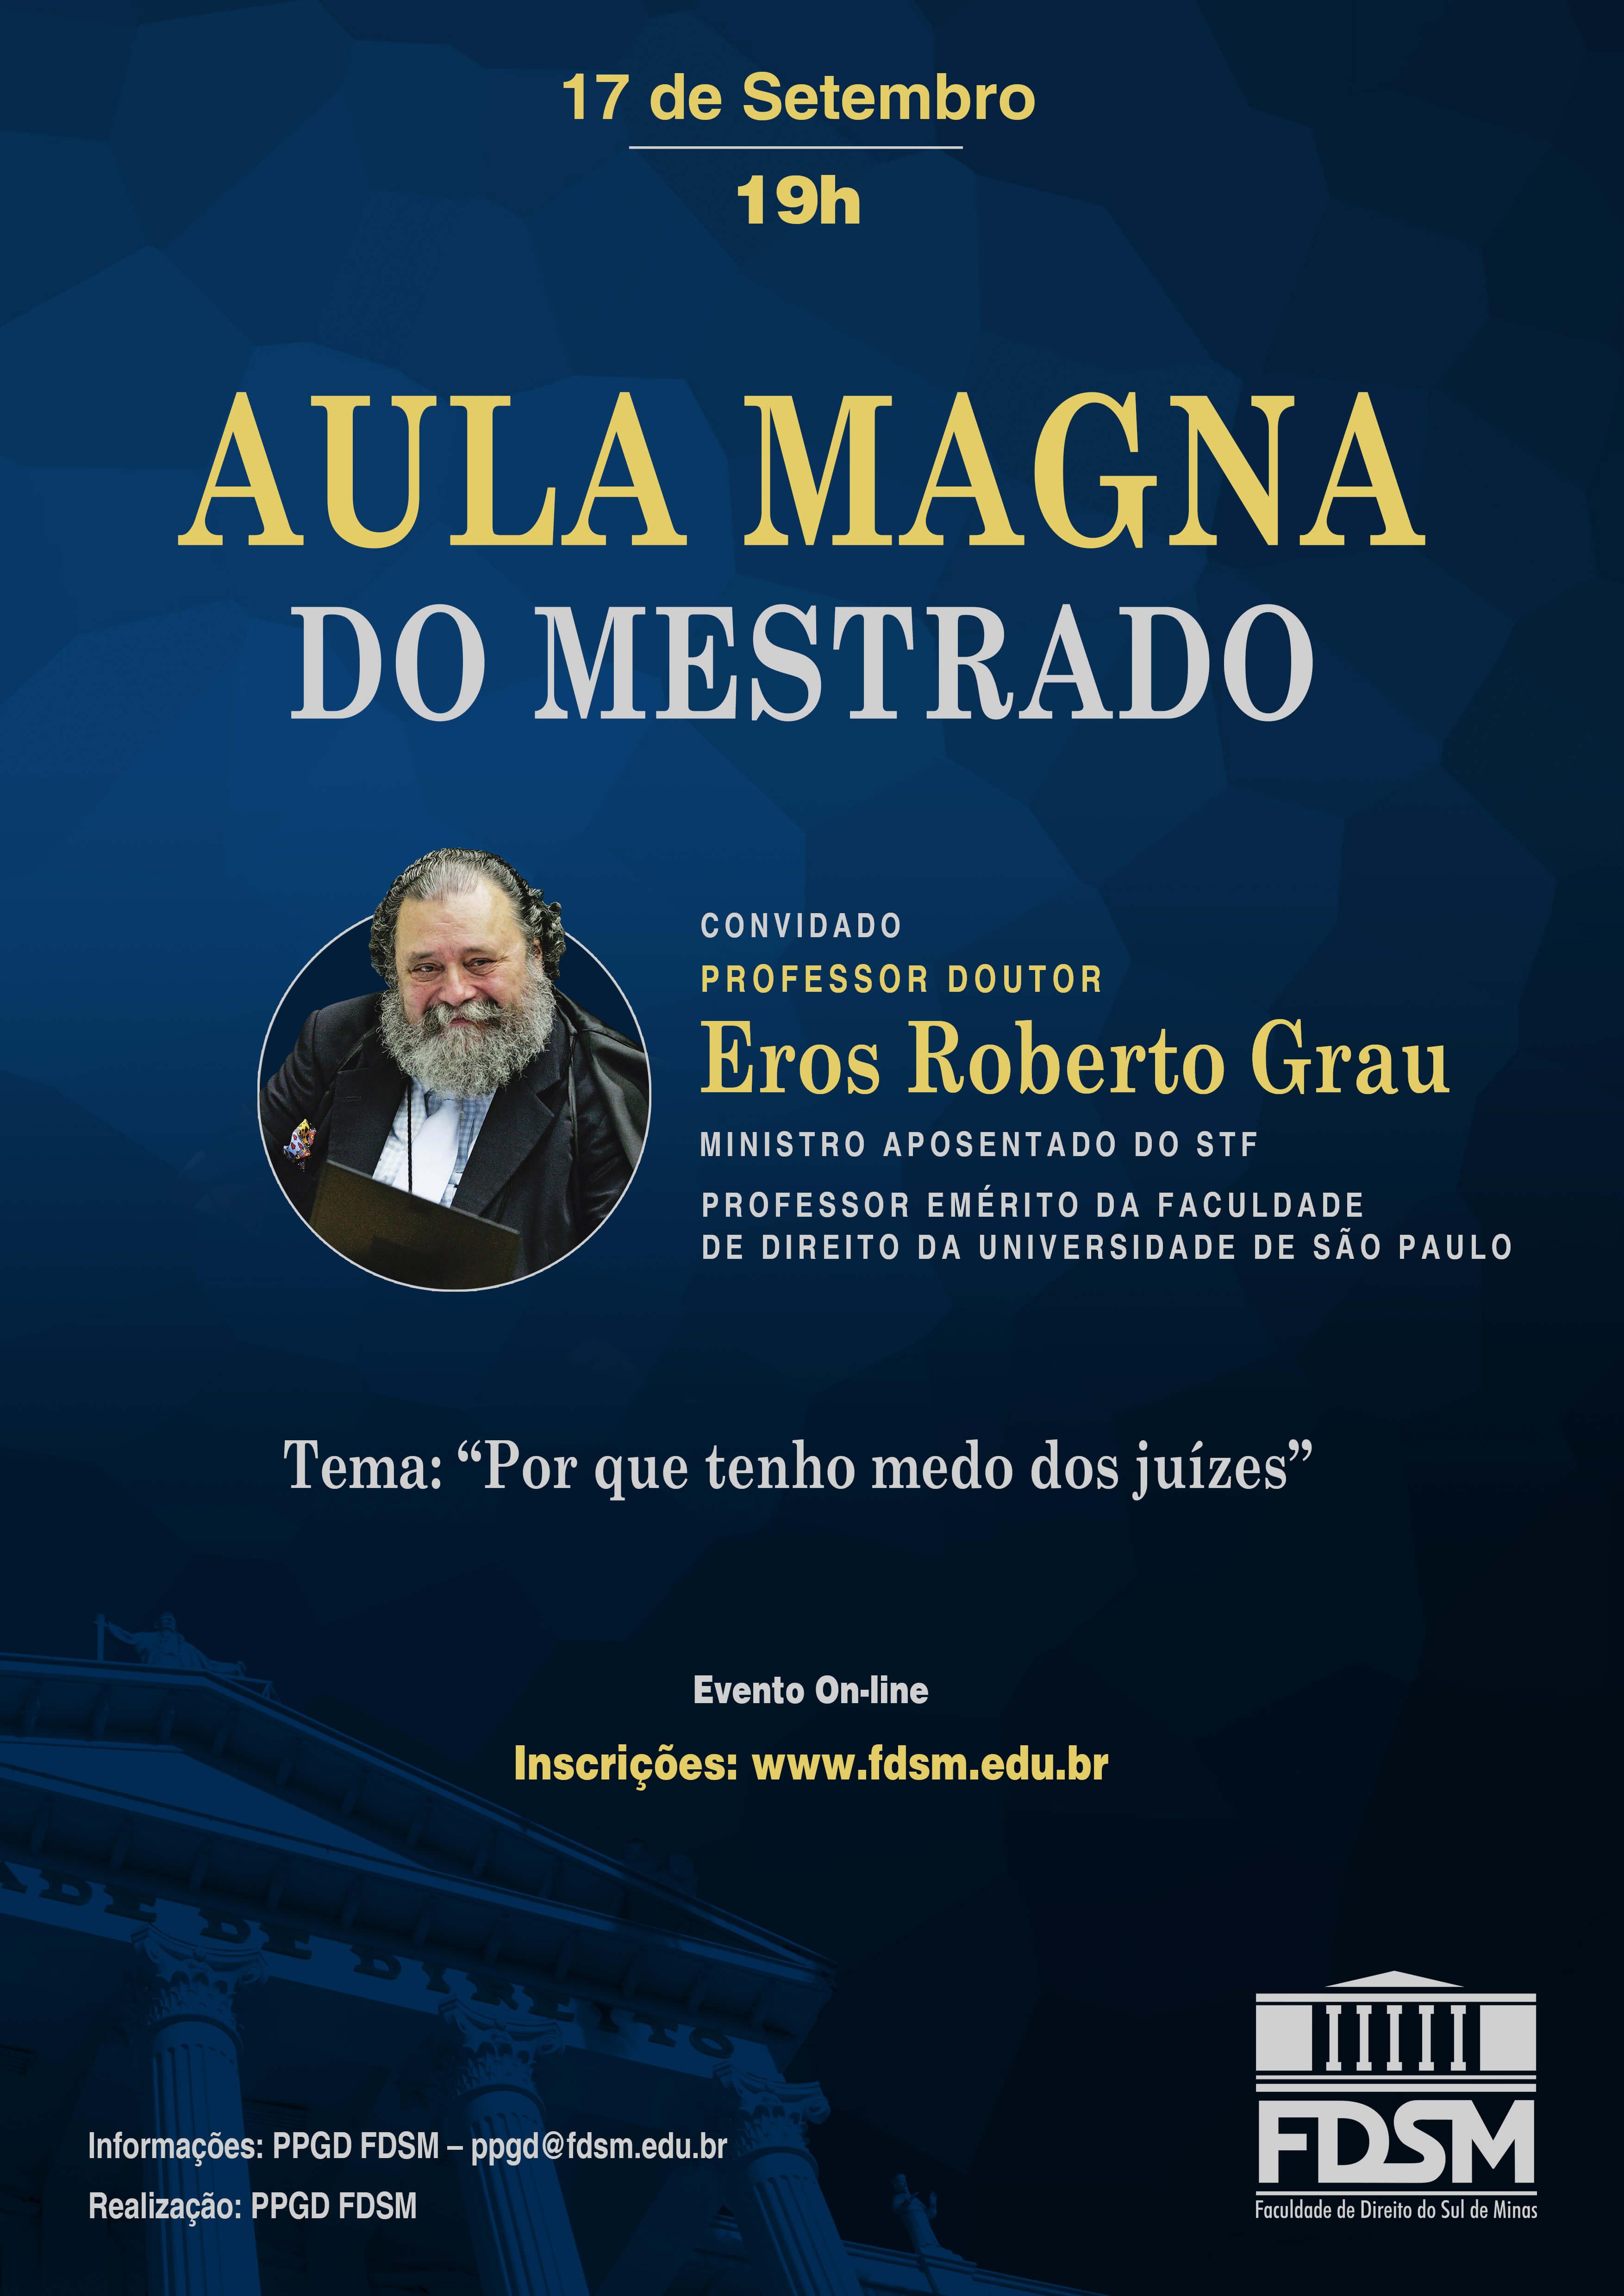 Evento 779 - AULA MAGNA DO MESTRADO